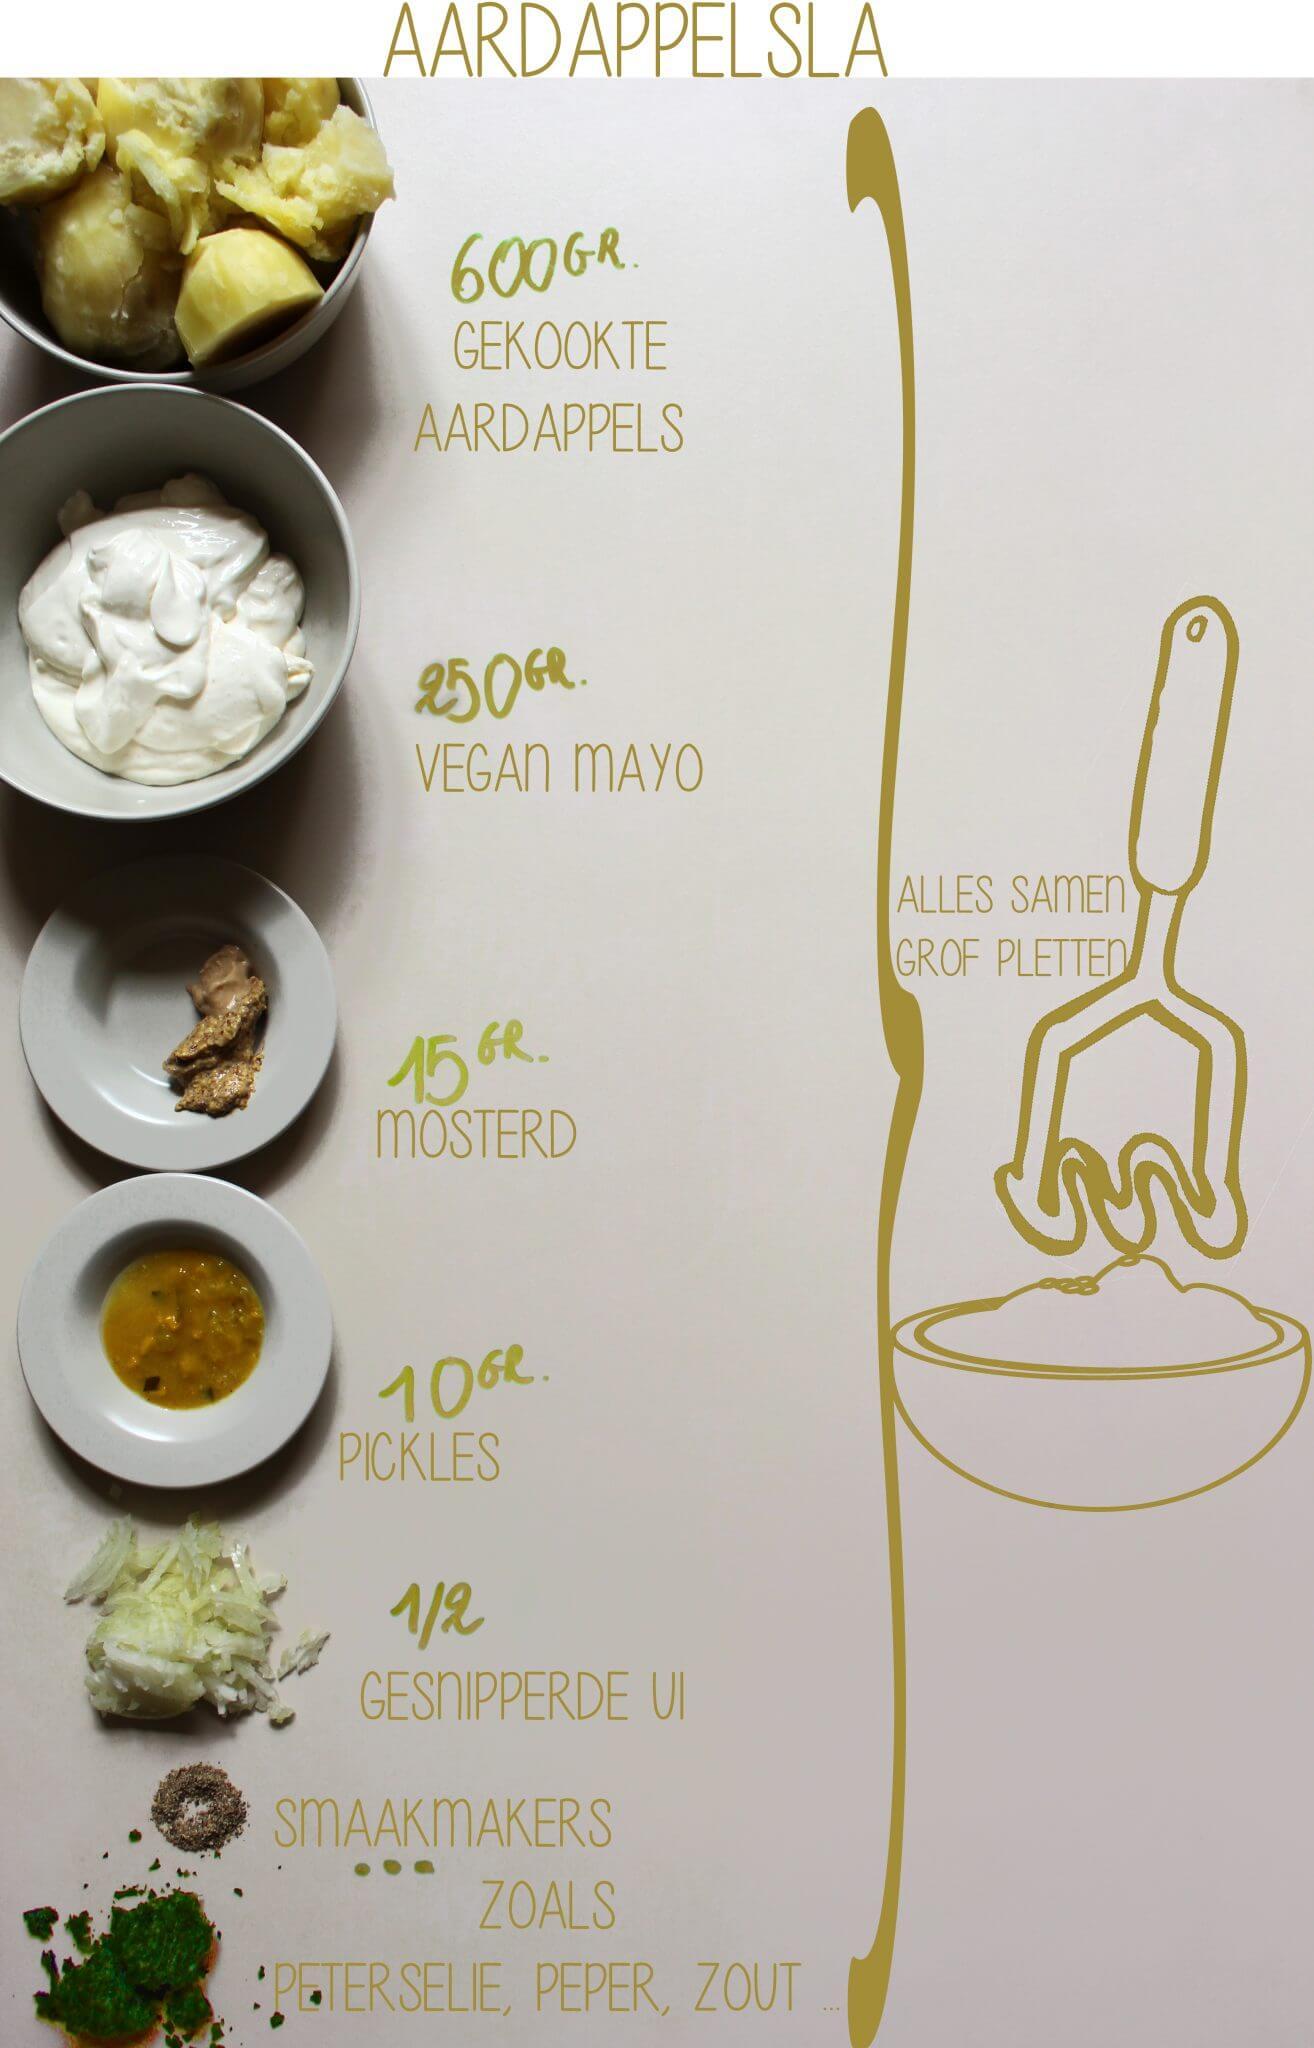 Stappenplan aardappensla